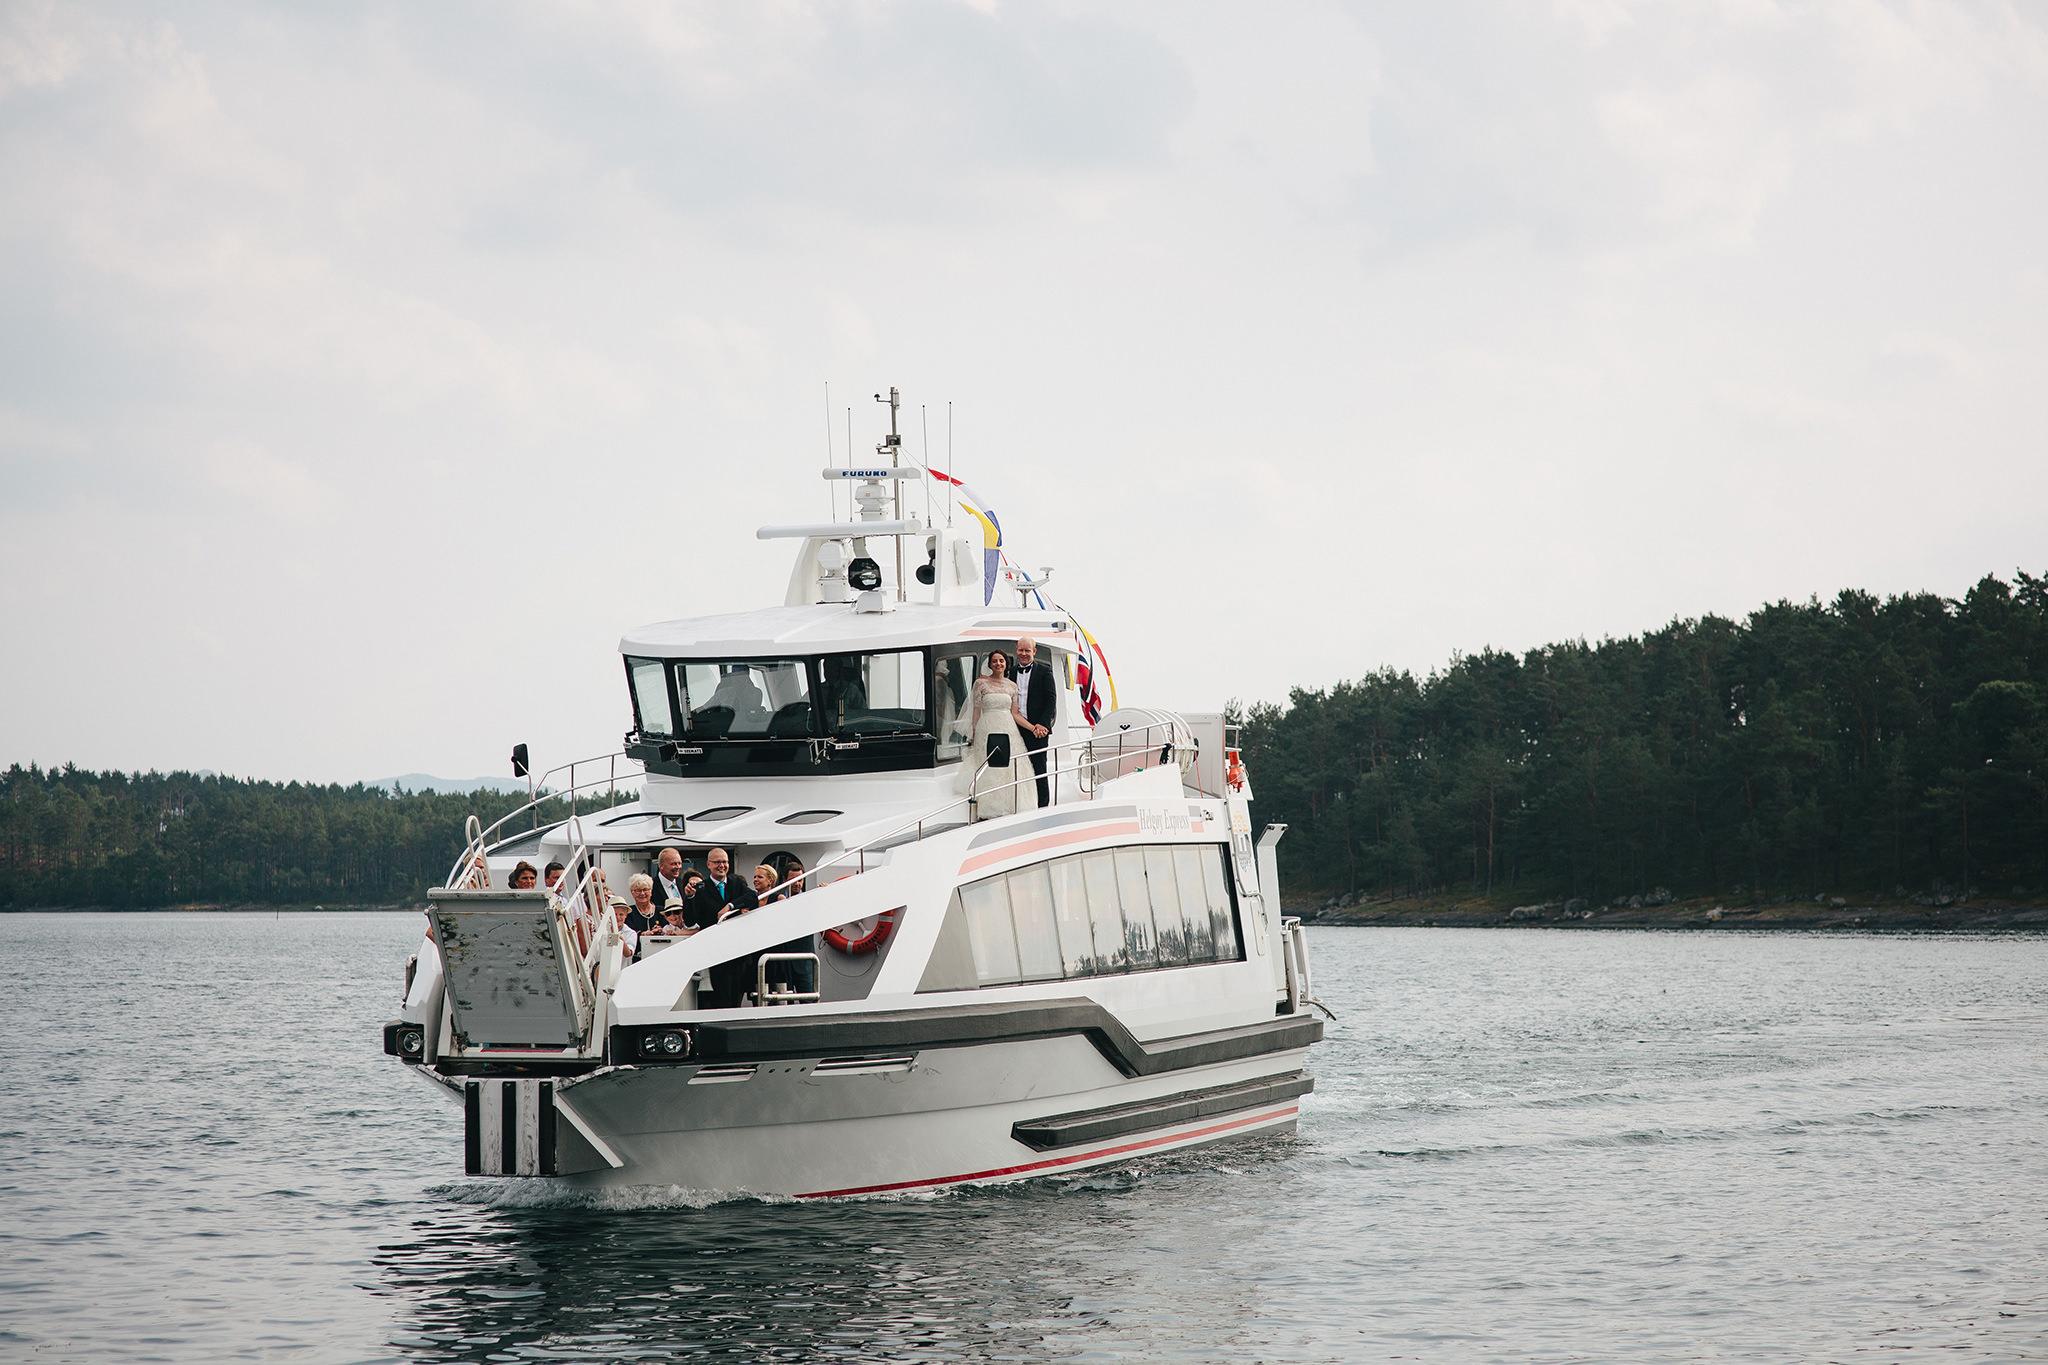 Samle alle gjestene på en båt for en hyggelig felles transport fra f.eks. vielse til selskapslokalet hvis dere gifter dere ved sjøen. Foto:  Åsmund Holien Mo